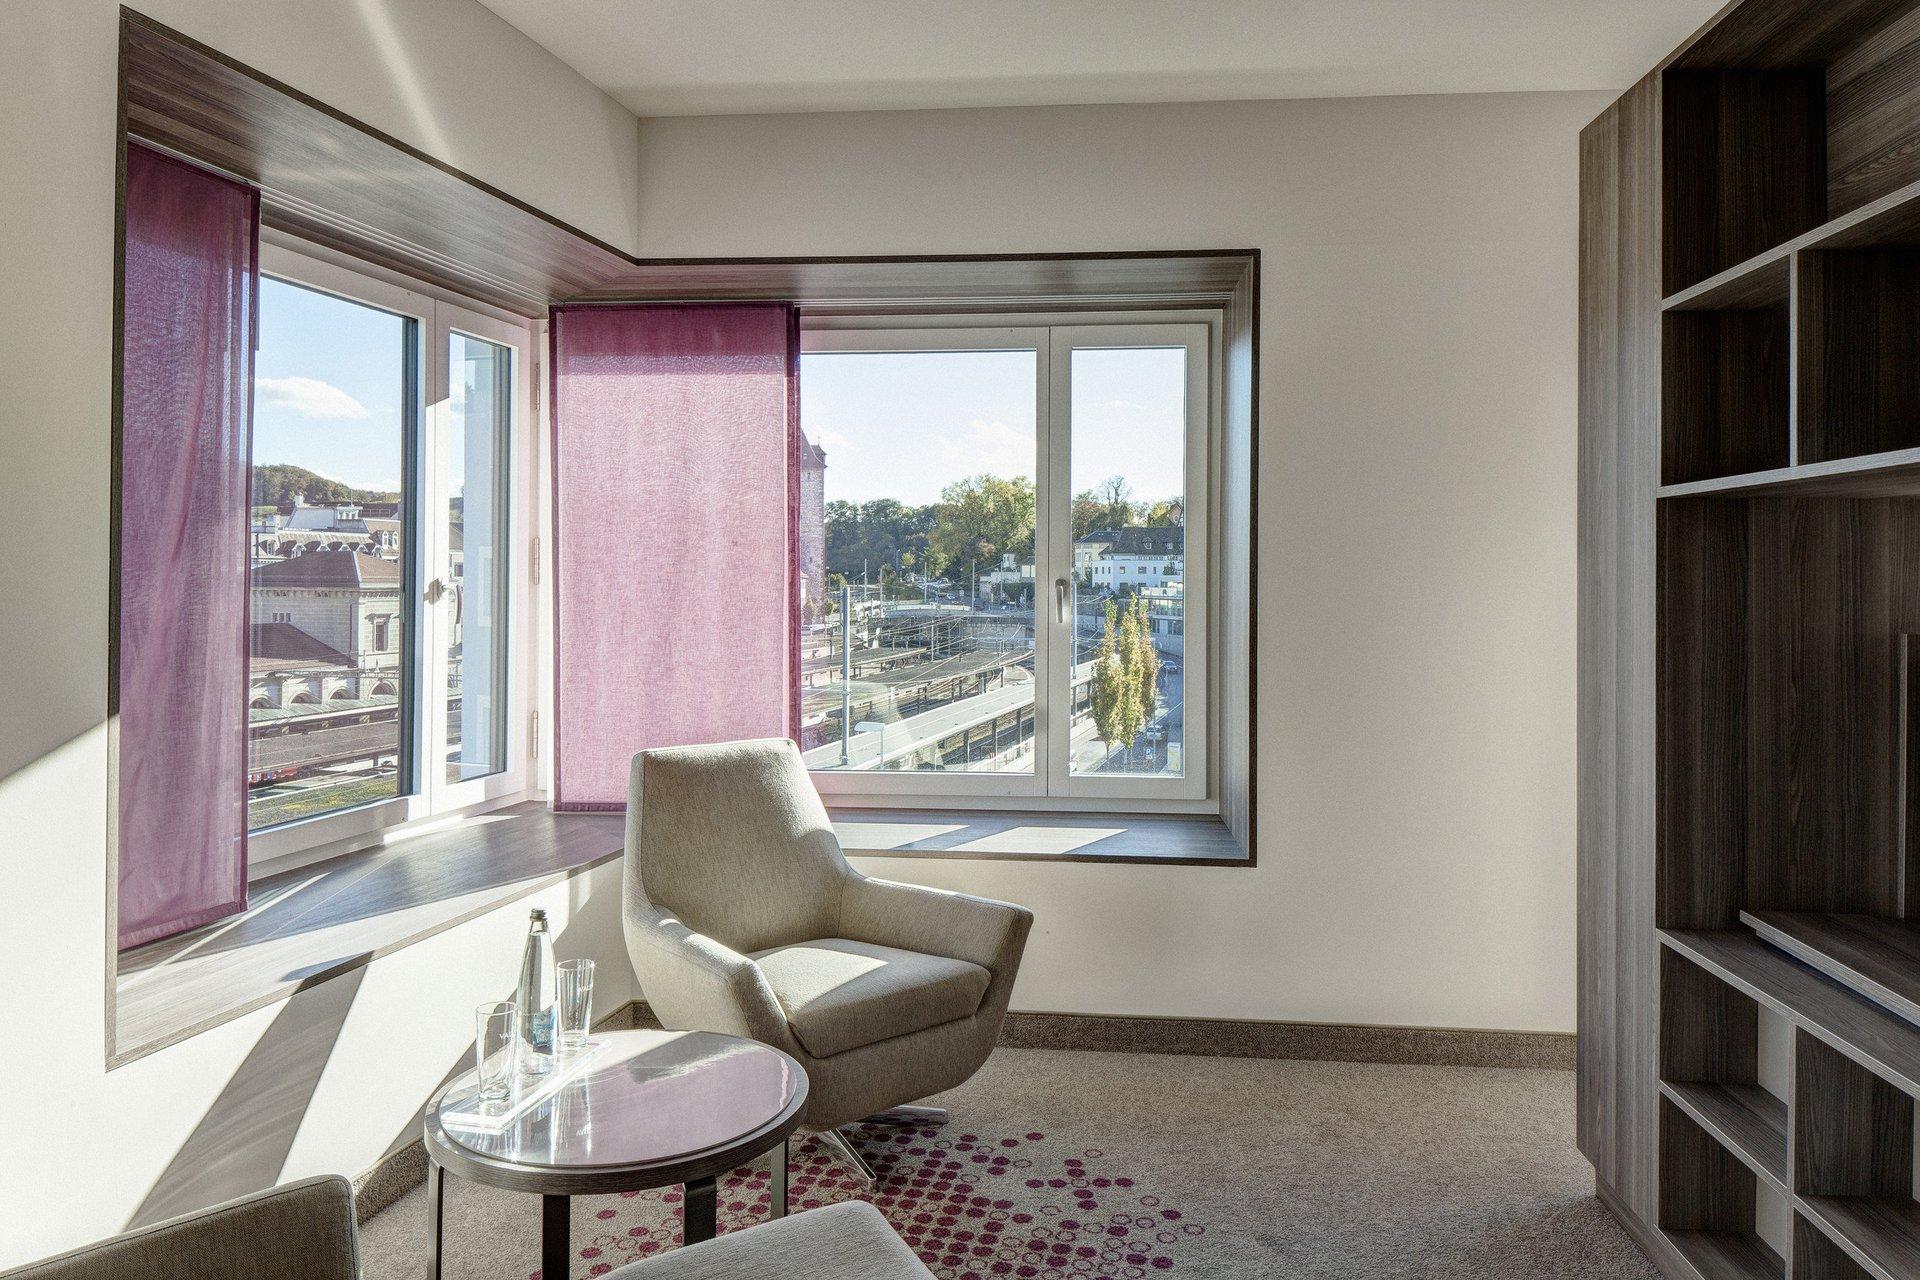 Möbliertes Zimmer mit Fensterelementen in feststehenden Teilen